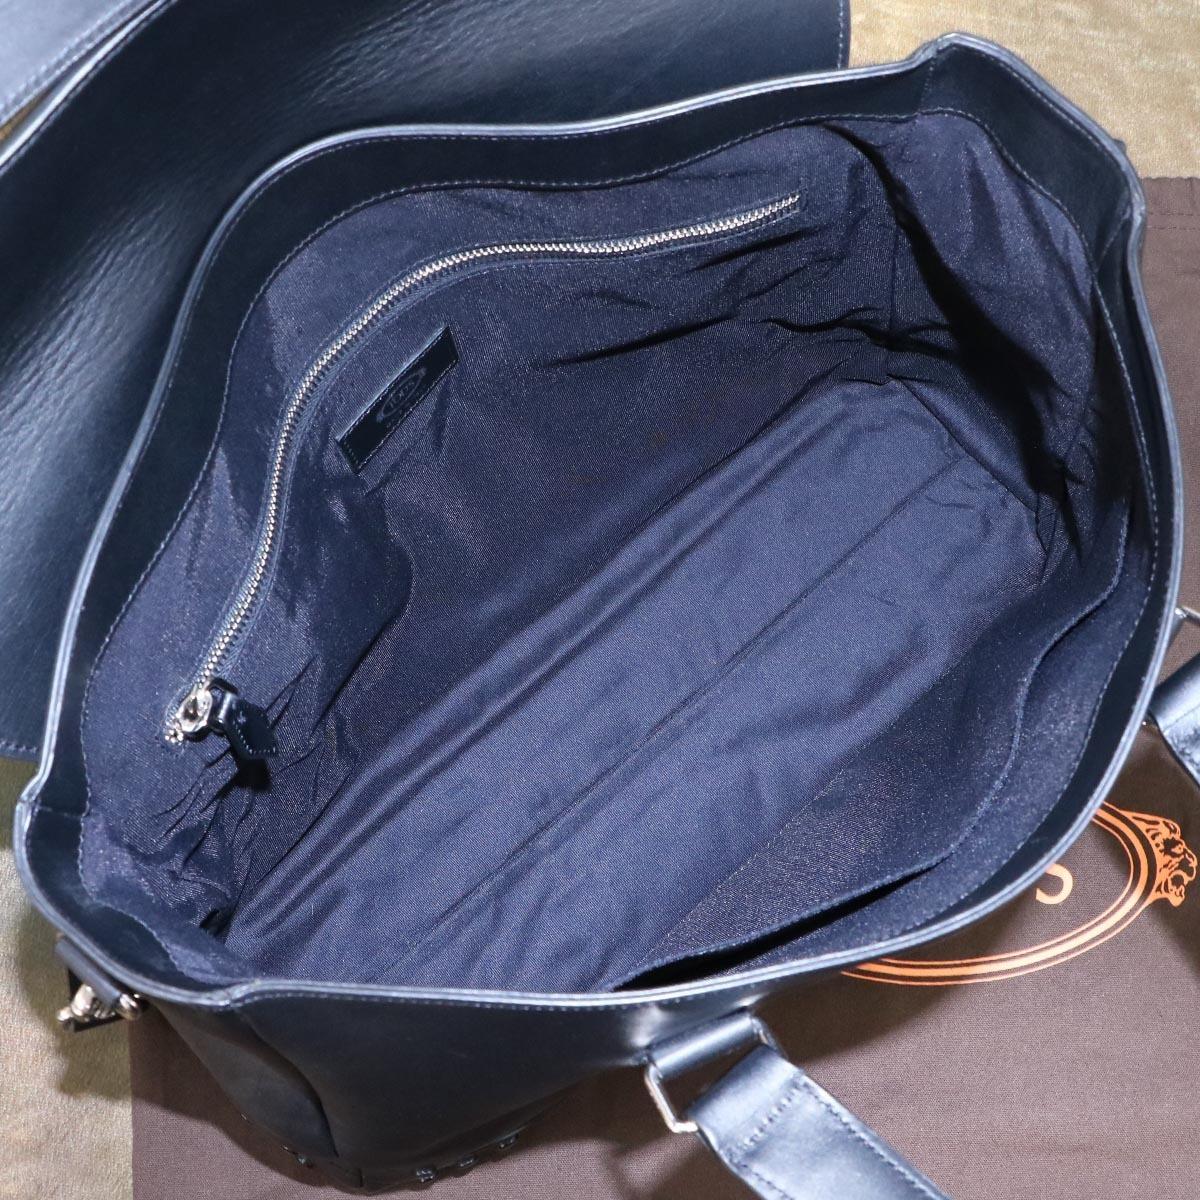 本物 新品同 トッズ 絶盤 メンズランウェイ限定 ゴンミーニ 2WAYメンズビジネスバッグ ブラック A4書類ブリーフケース トートバッグ TODS_画像8